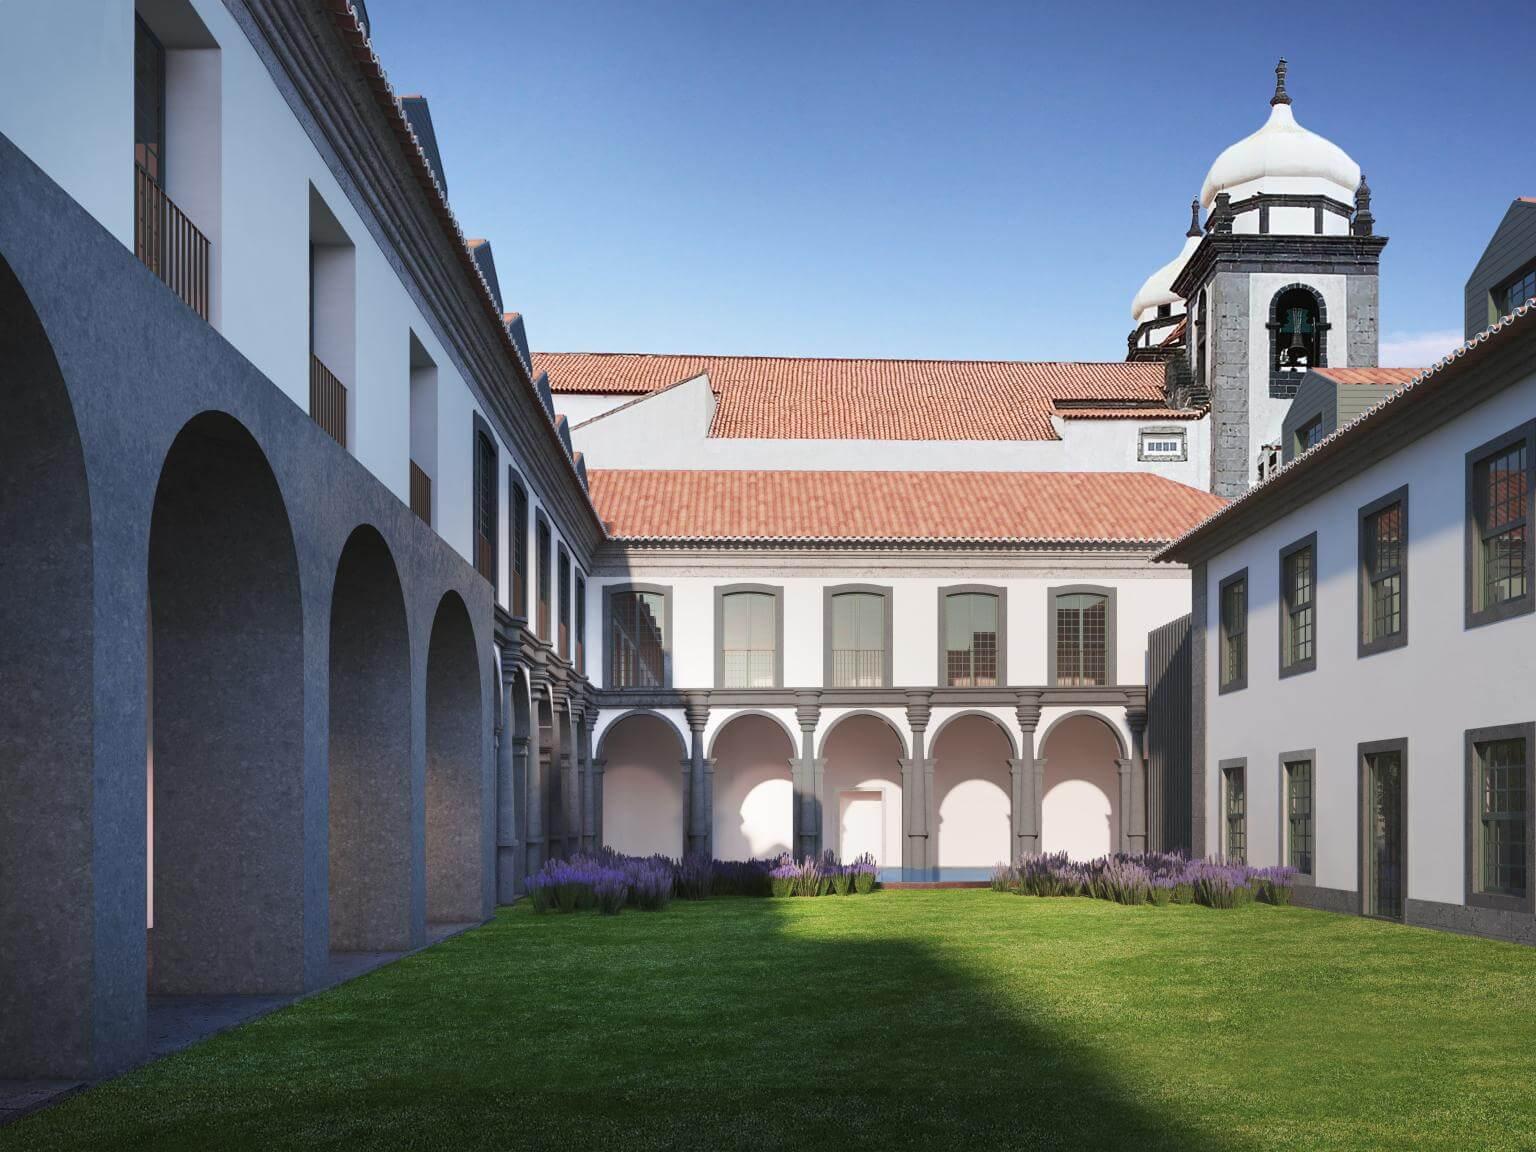 PROMONTORIO Arquitectos desenvolve projeto de reabilitação e renovação do Convento do Carmo, na Ilha do Faial, Açores.